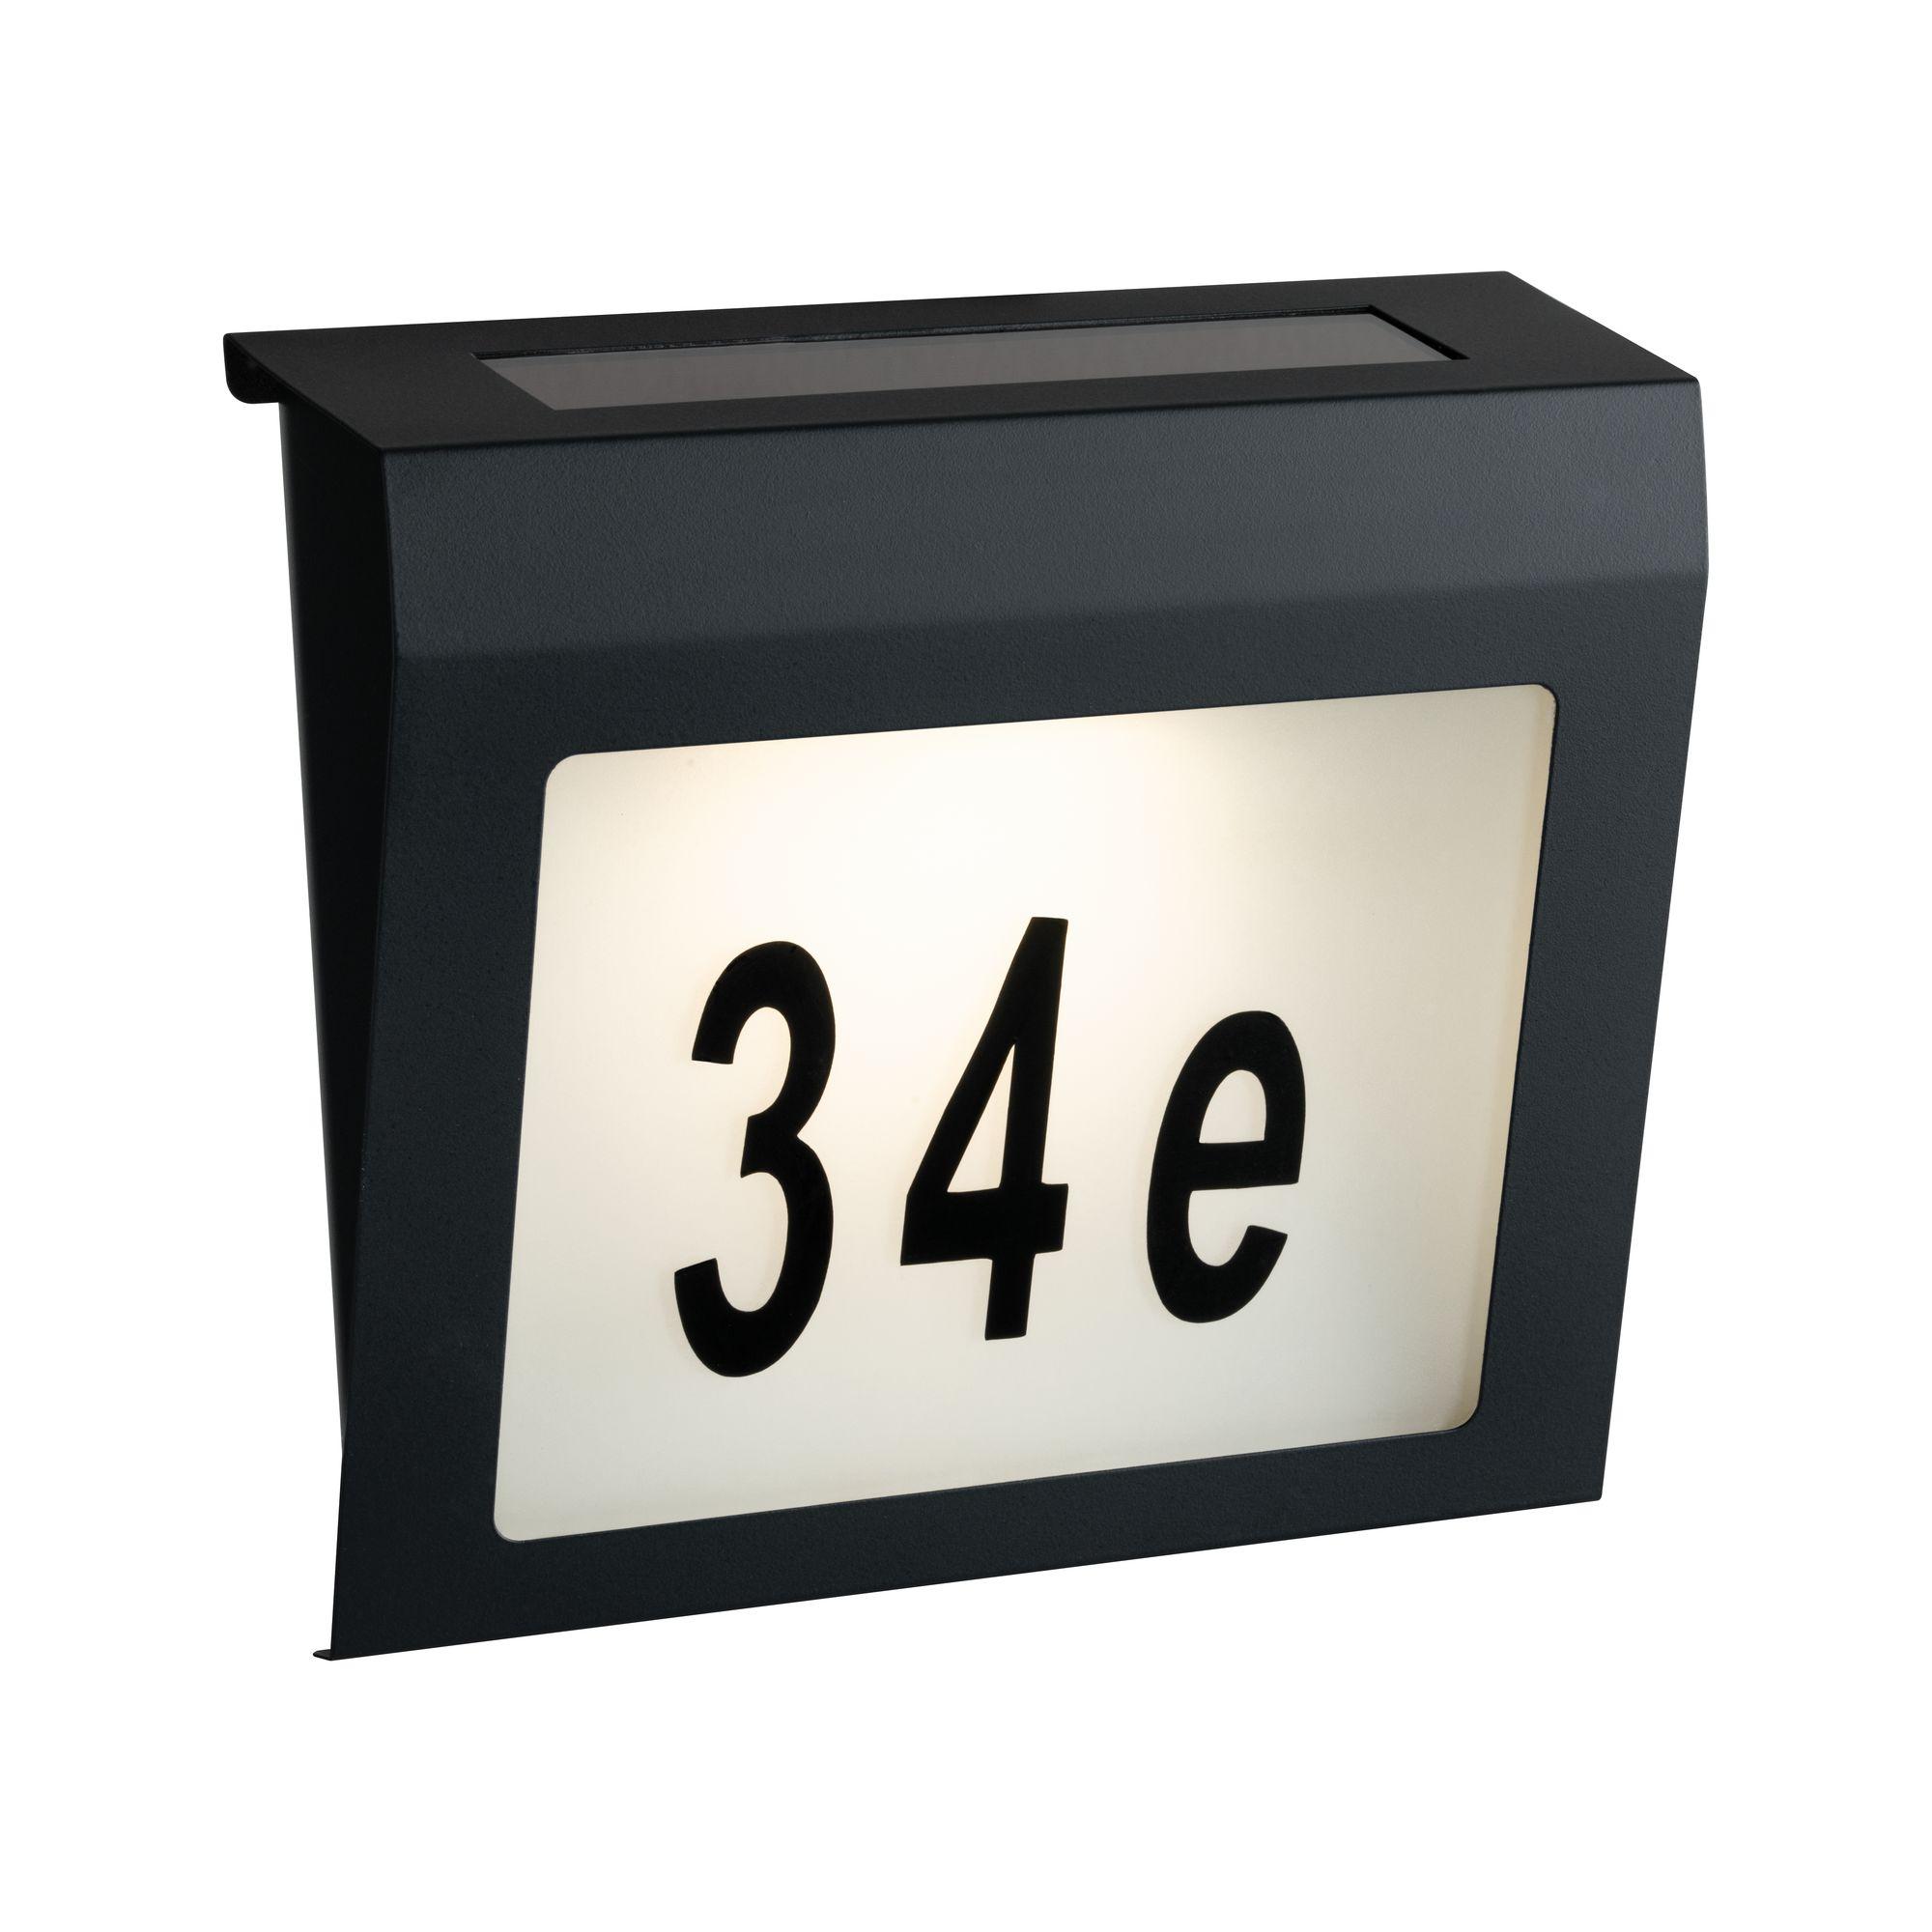 Čísla domů a písmena